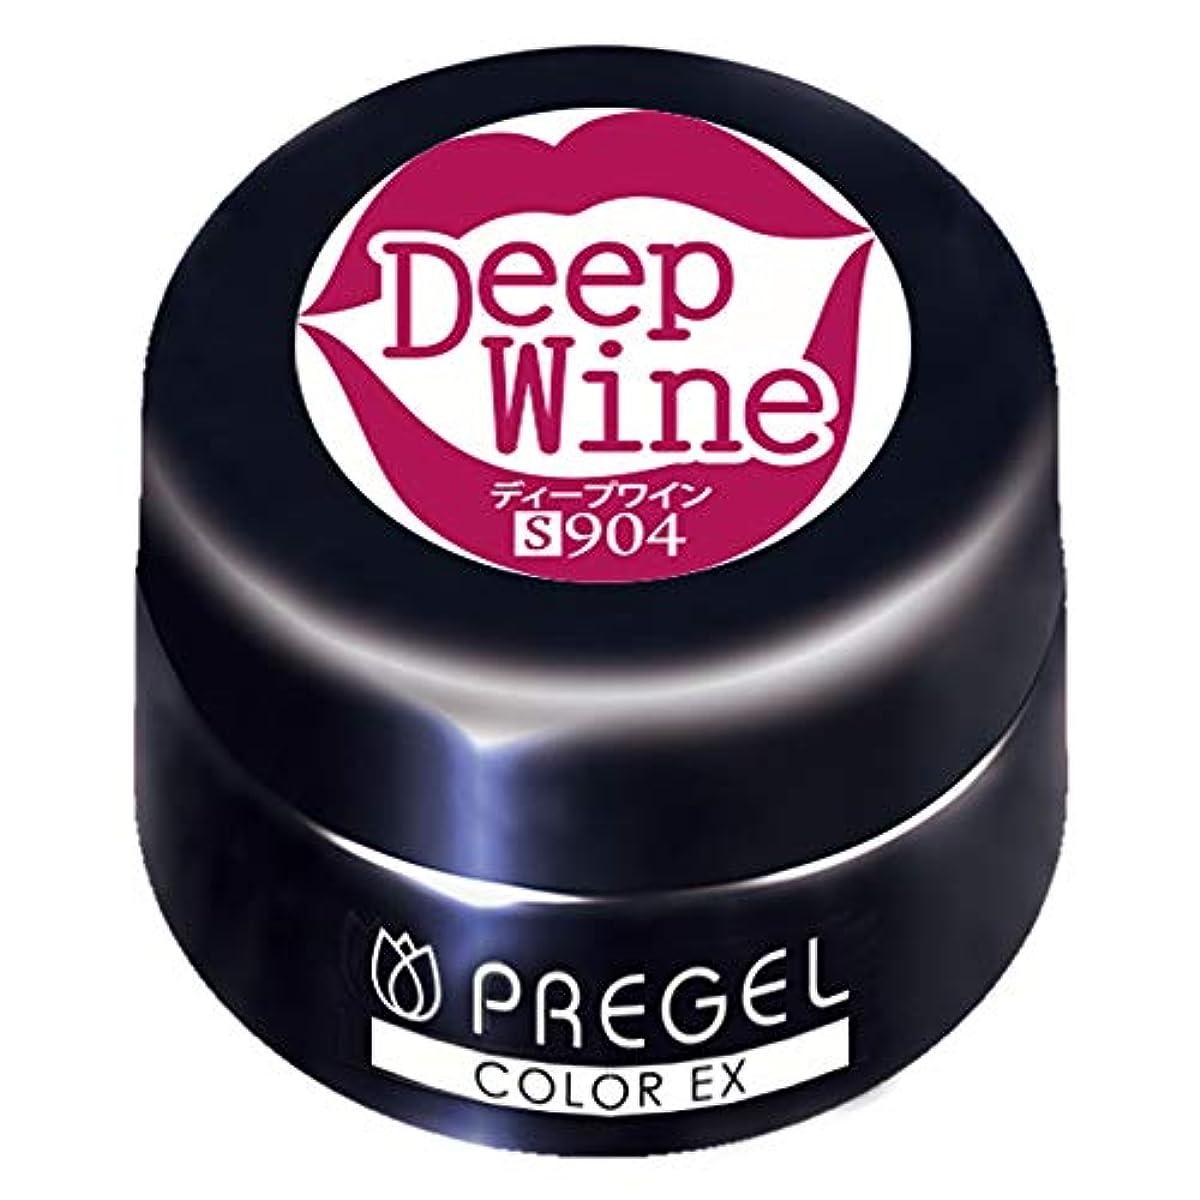 かなり消費著名なPRE GEL カラーEX ディープワイン 3g PG-CE904